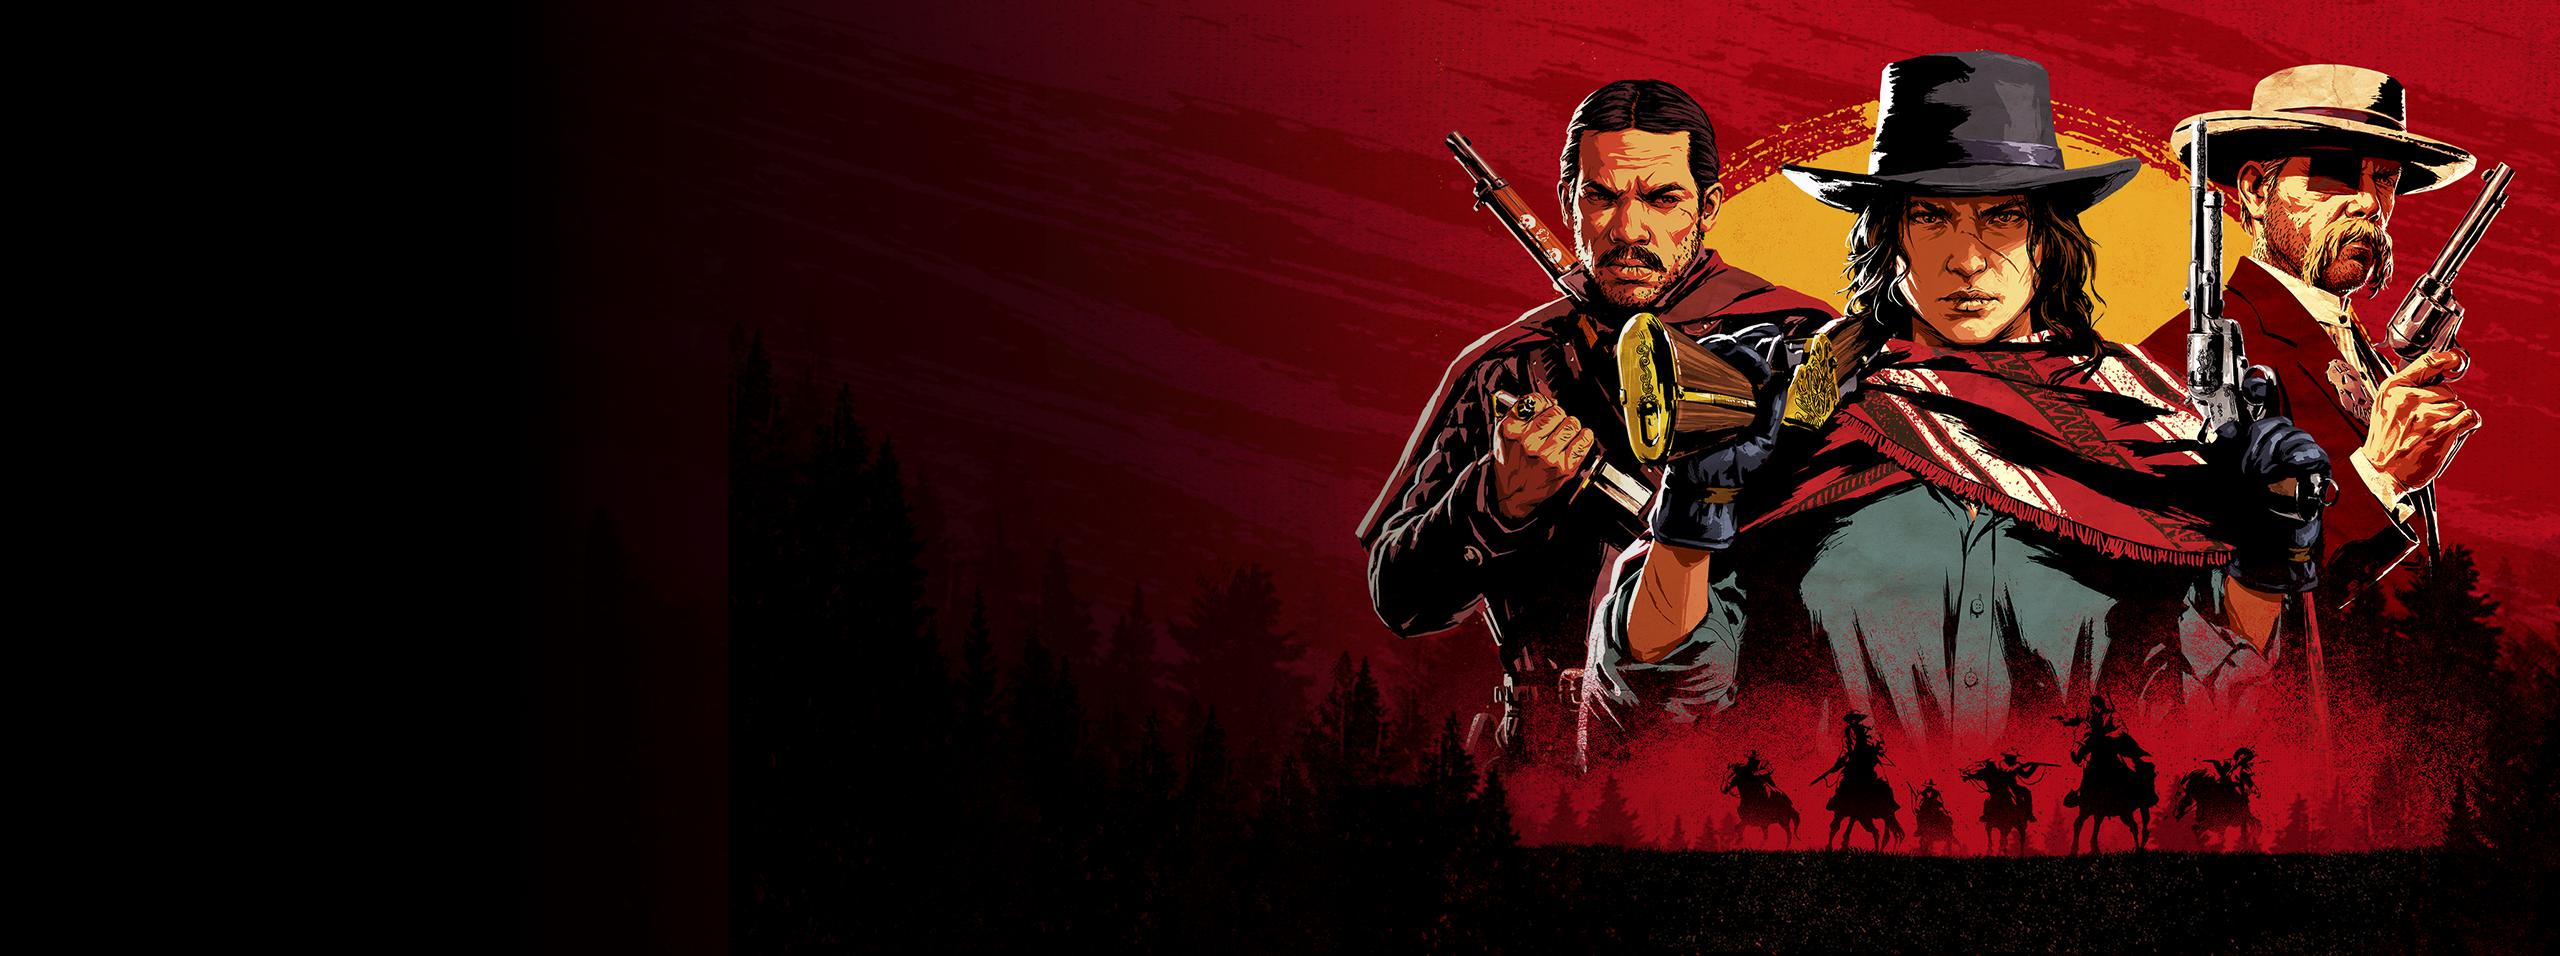 Red Dead Redemption en ligne